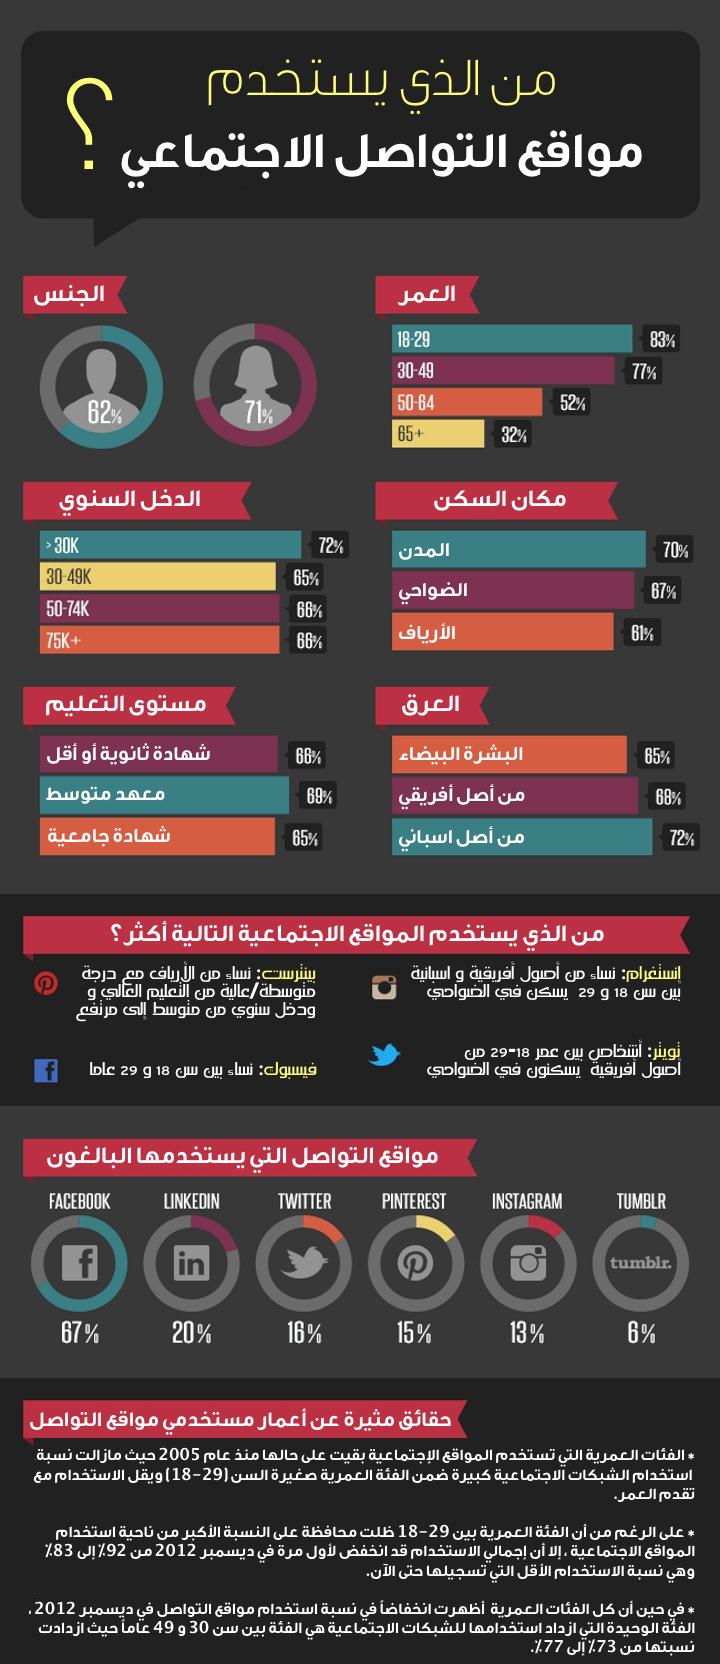 من الذي يستخدم مواقع الاتصال الاجتماعي #إنفوجرافيك